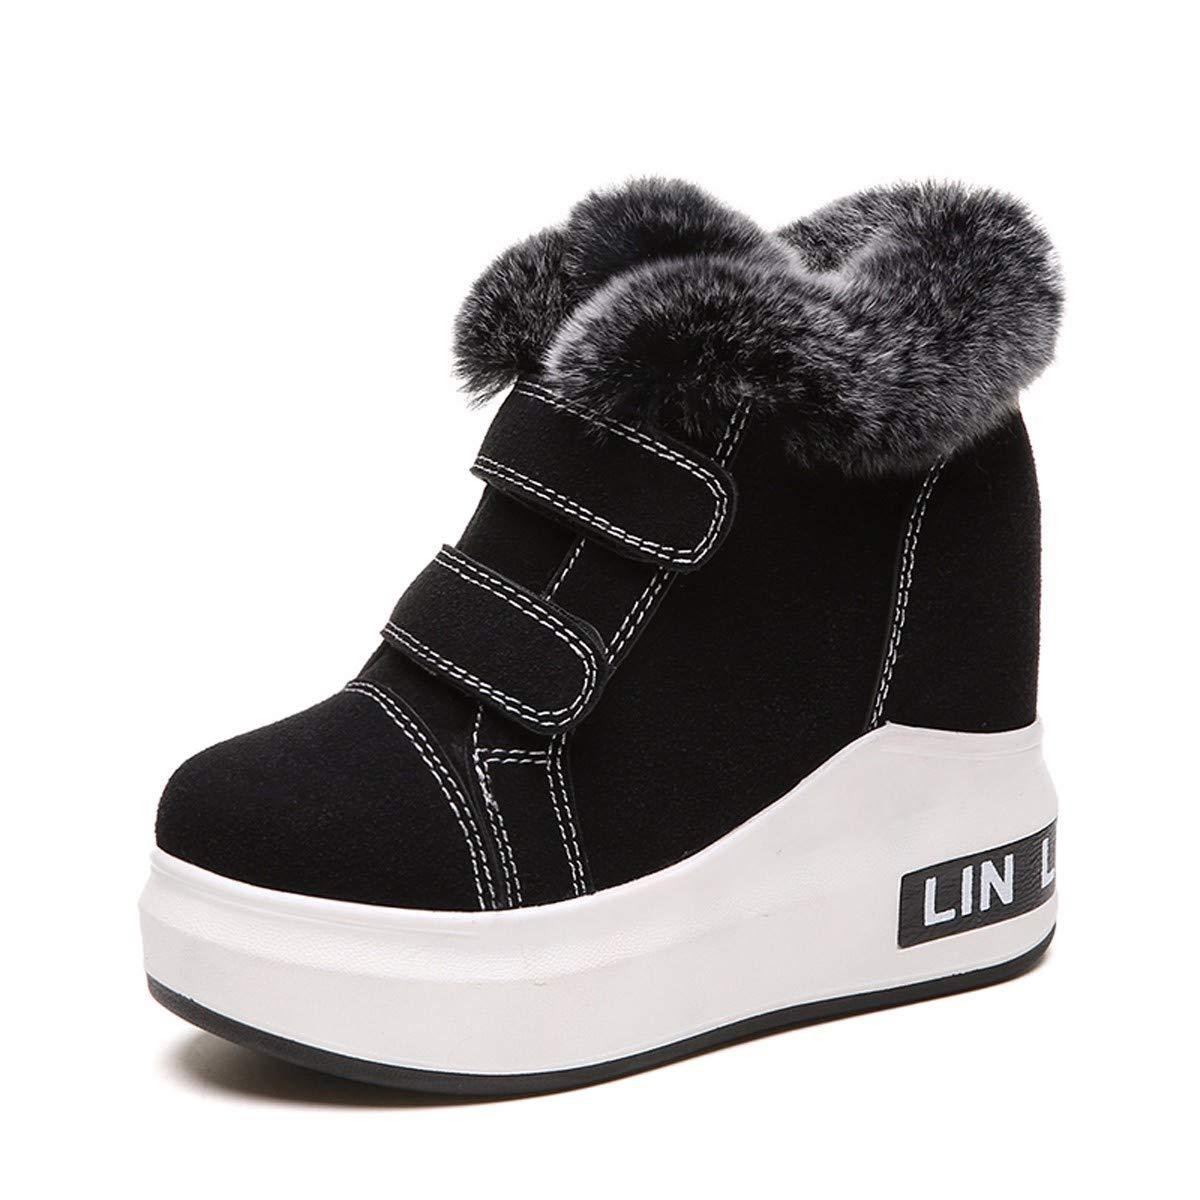 KPHY Damenschuhe Schnee - Winter - Joker Dicke Hintern Hoch Rein Baumwolle Schuhe Kurze Röhren Neigung Und Kurze Stiefel.